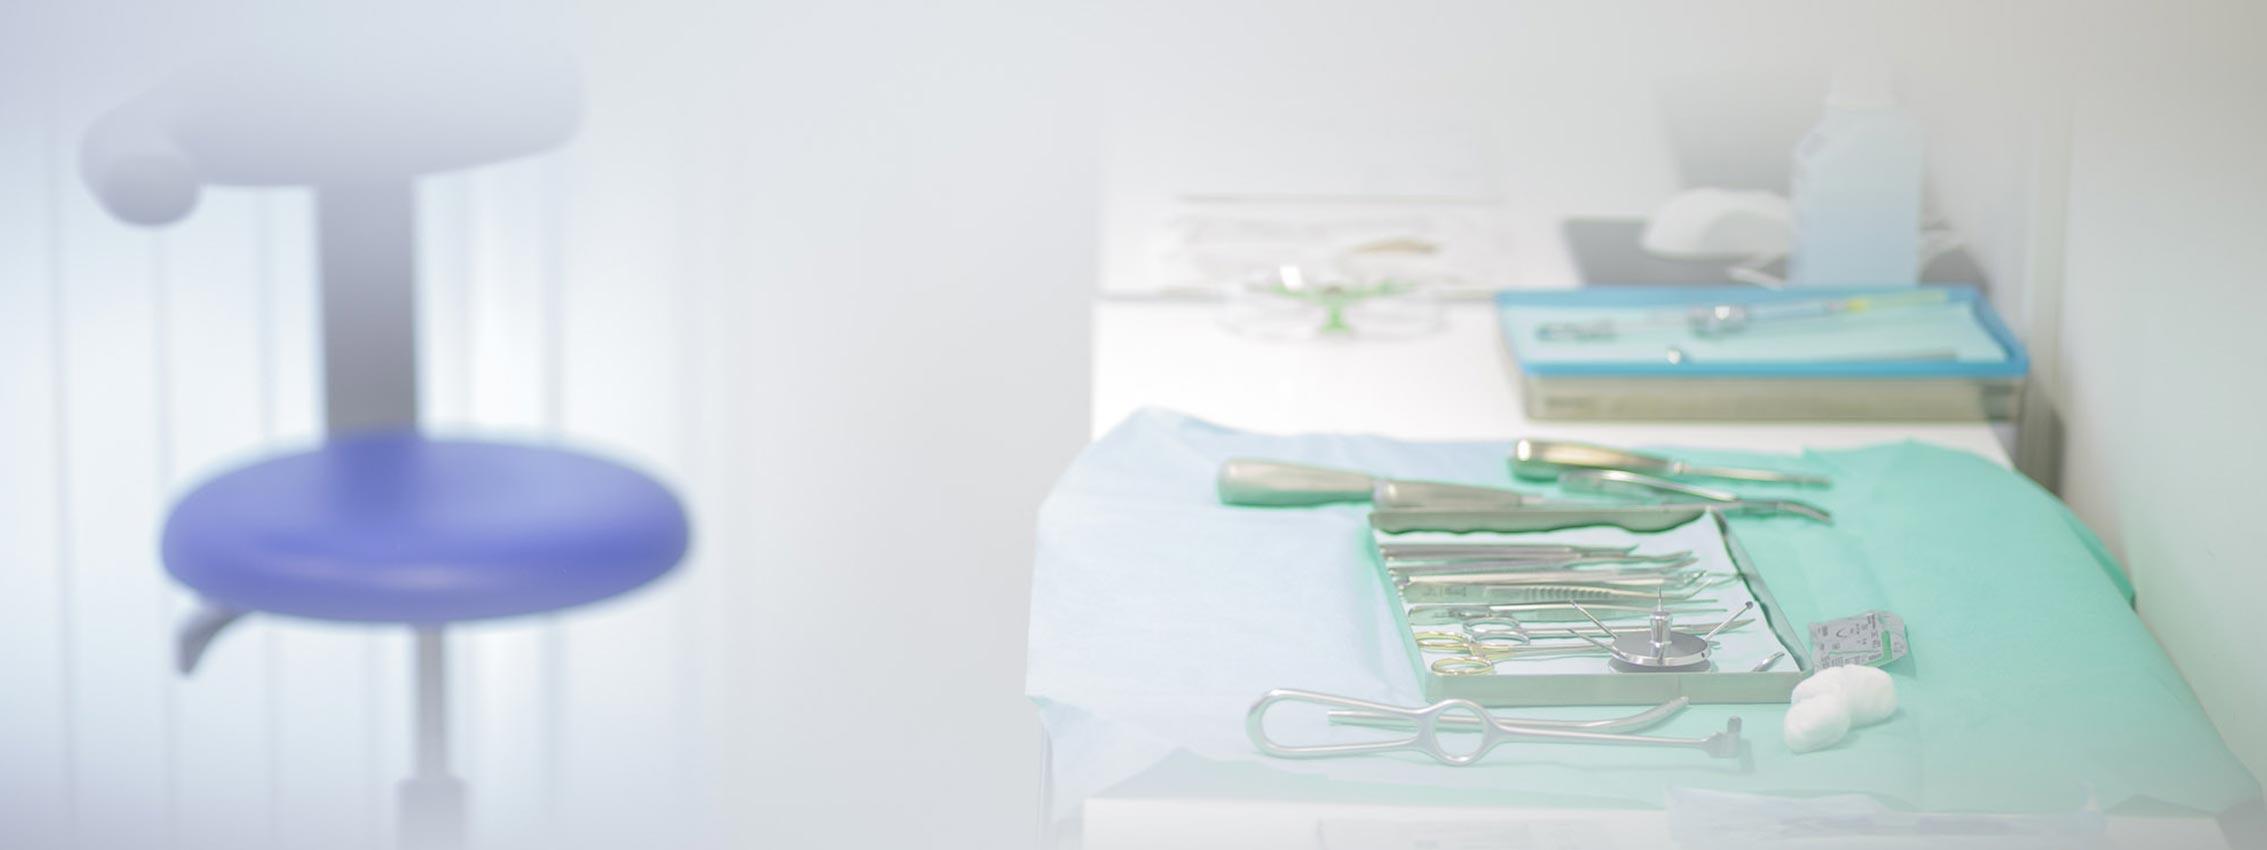 oralchirurgie-allgemein-egerkingen-content